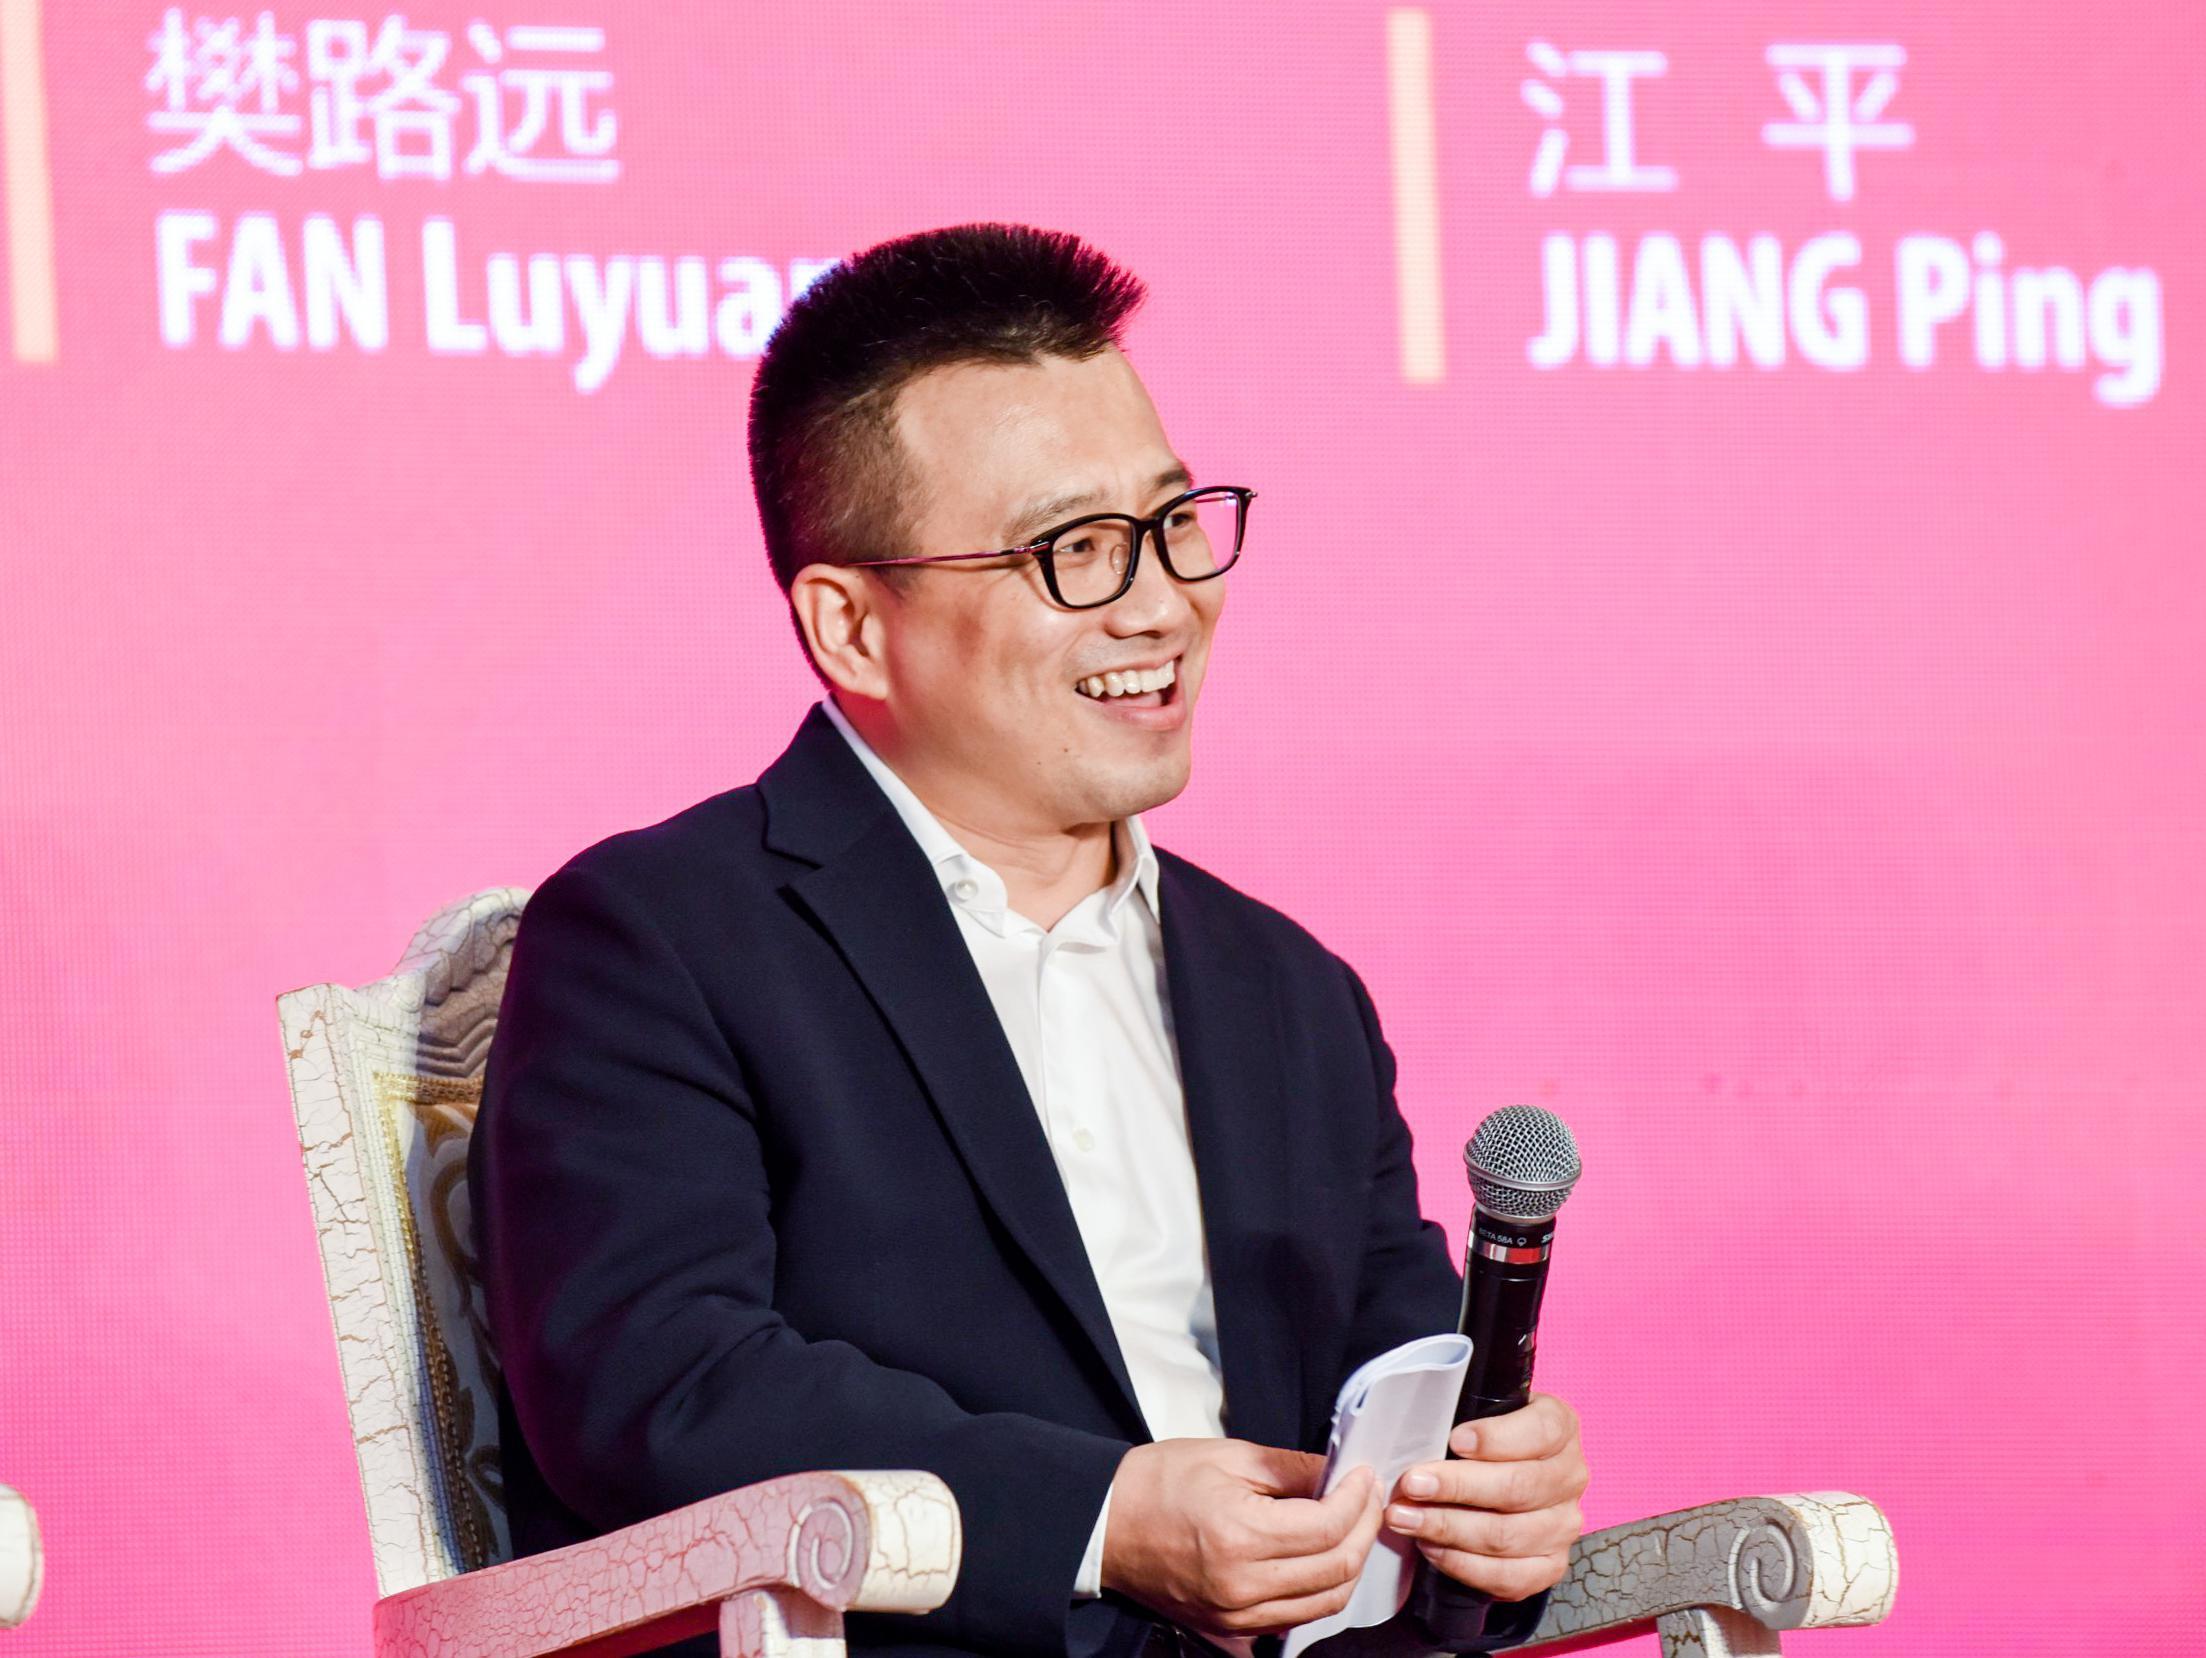 前线   阿里影业樊路远:阿里不会大规模投资游戏产业